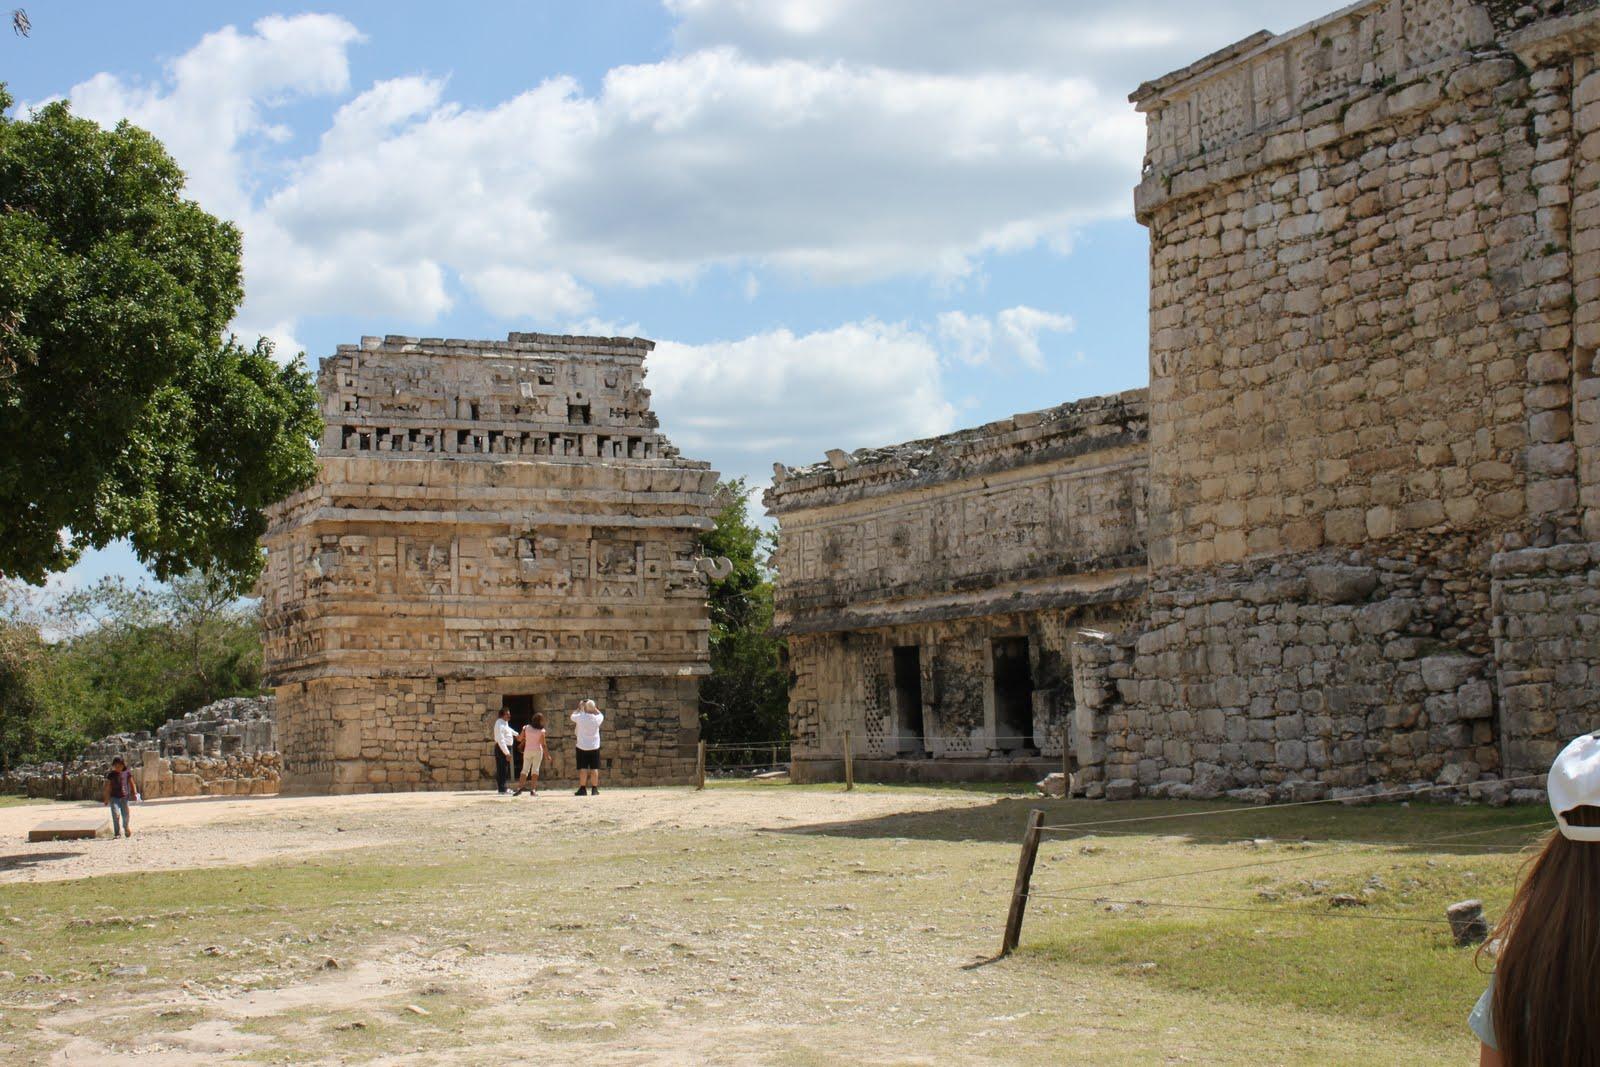 http://4.bp.blogspot.com/-LD0WJ_TshIE/Troo8Dk-6cI/AAAAAAAAEAc/KquR4eiIM40/s1600/Cancun+Mexico+photos.jpg